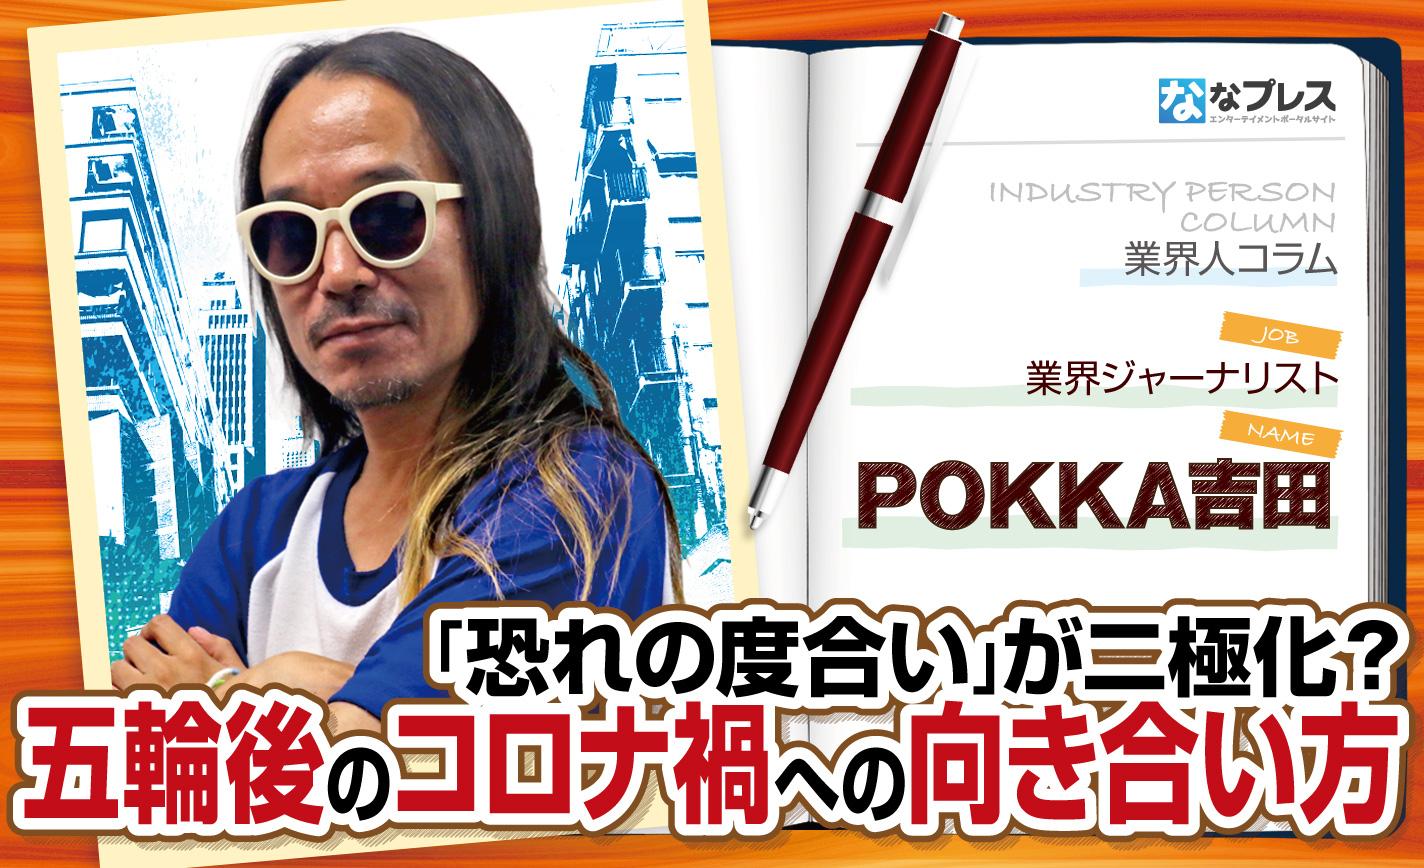 五輪を通して「恐れの度合い」が二極化?POKKA吉田的コロナ禍への向き合い方とは eyecatch-image